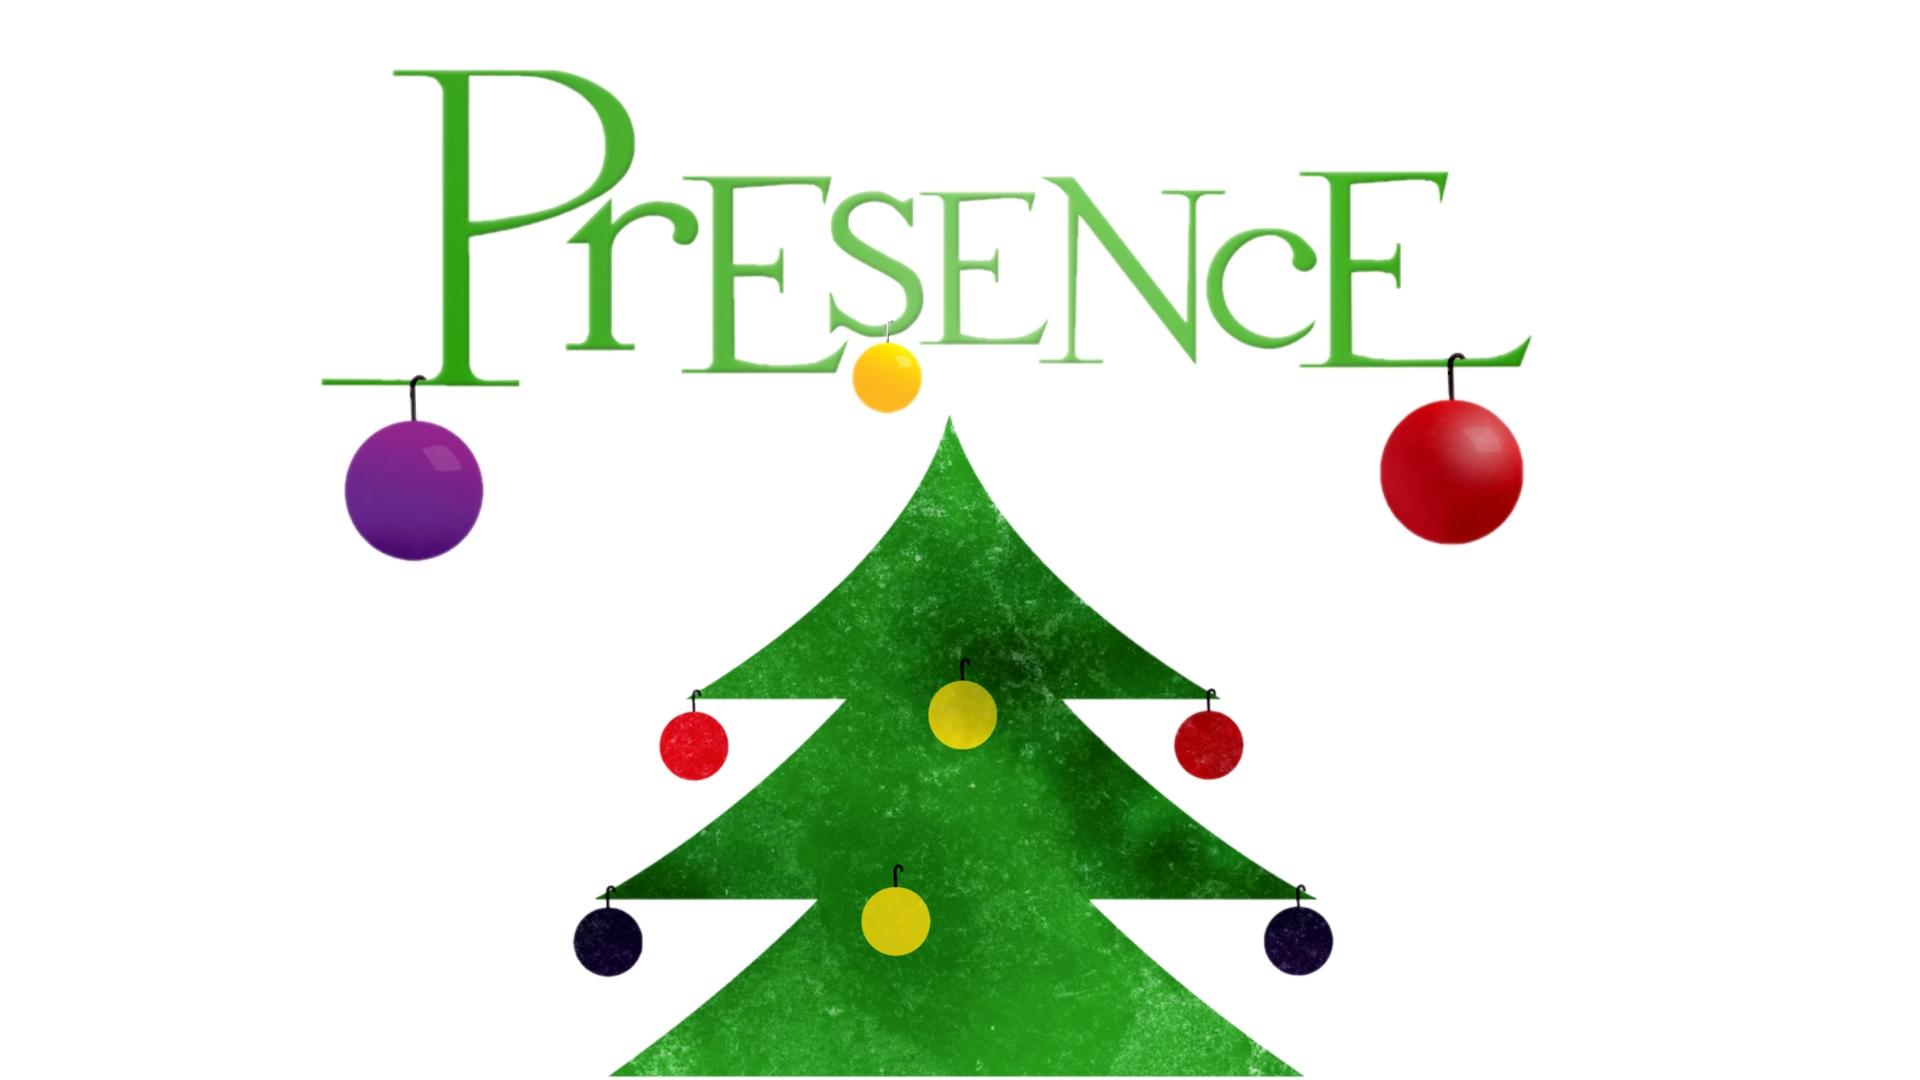 - Presence 3: Everlasting FatherDecember 16, 2018Speaker: JJ Williams